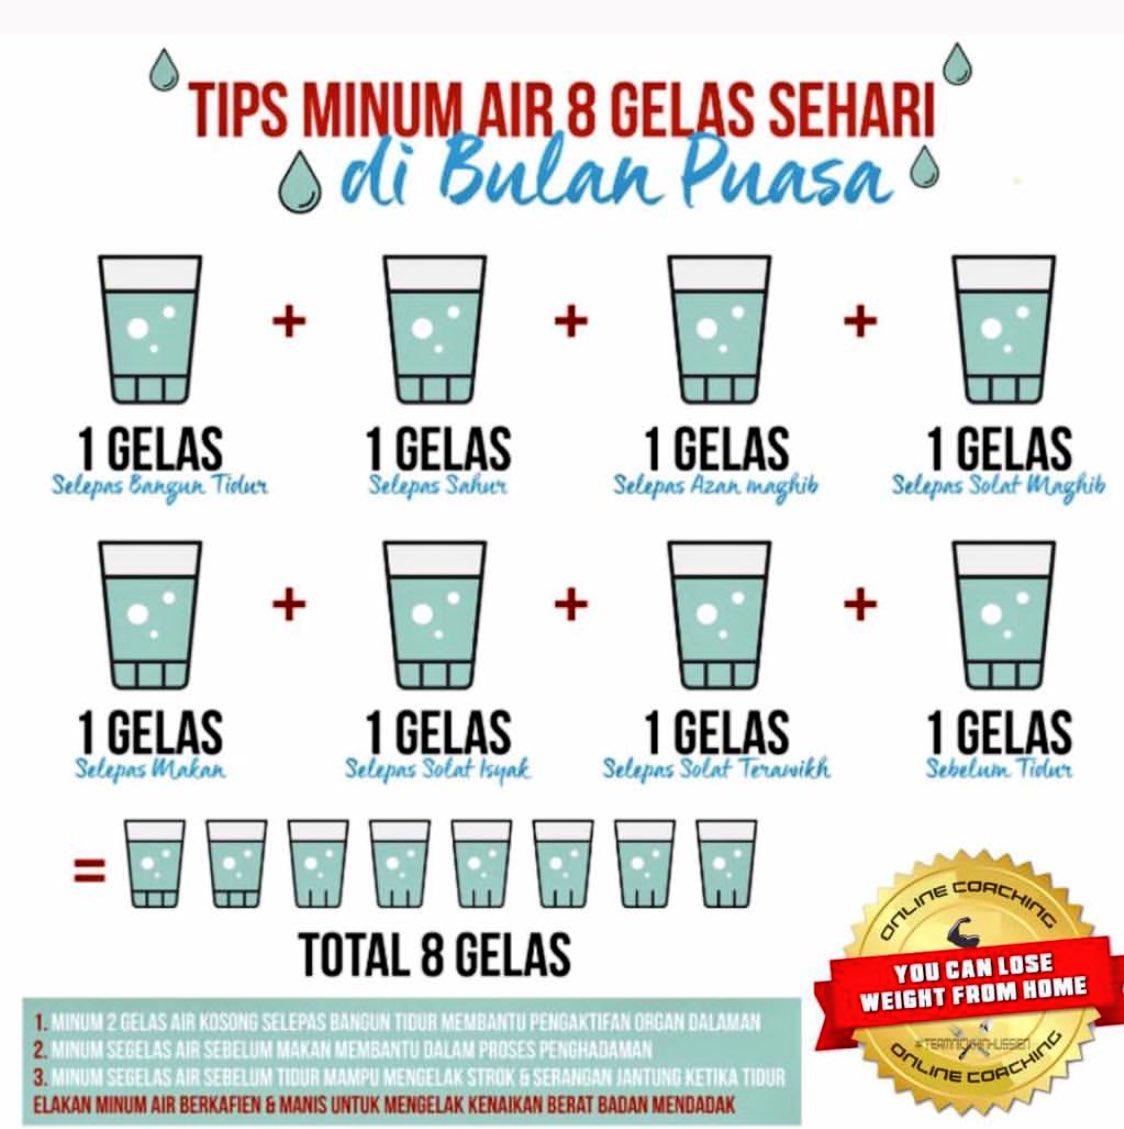 RT @sufiansuhaimi_: Tips minum air 8 gelas sehari di bulan #Ramadhan https://t.co/OPtGrTEm5l